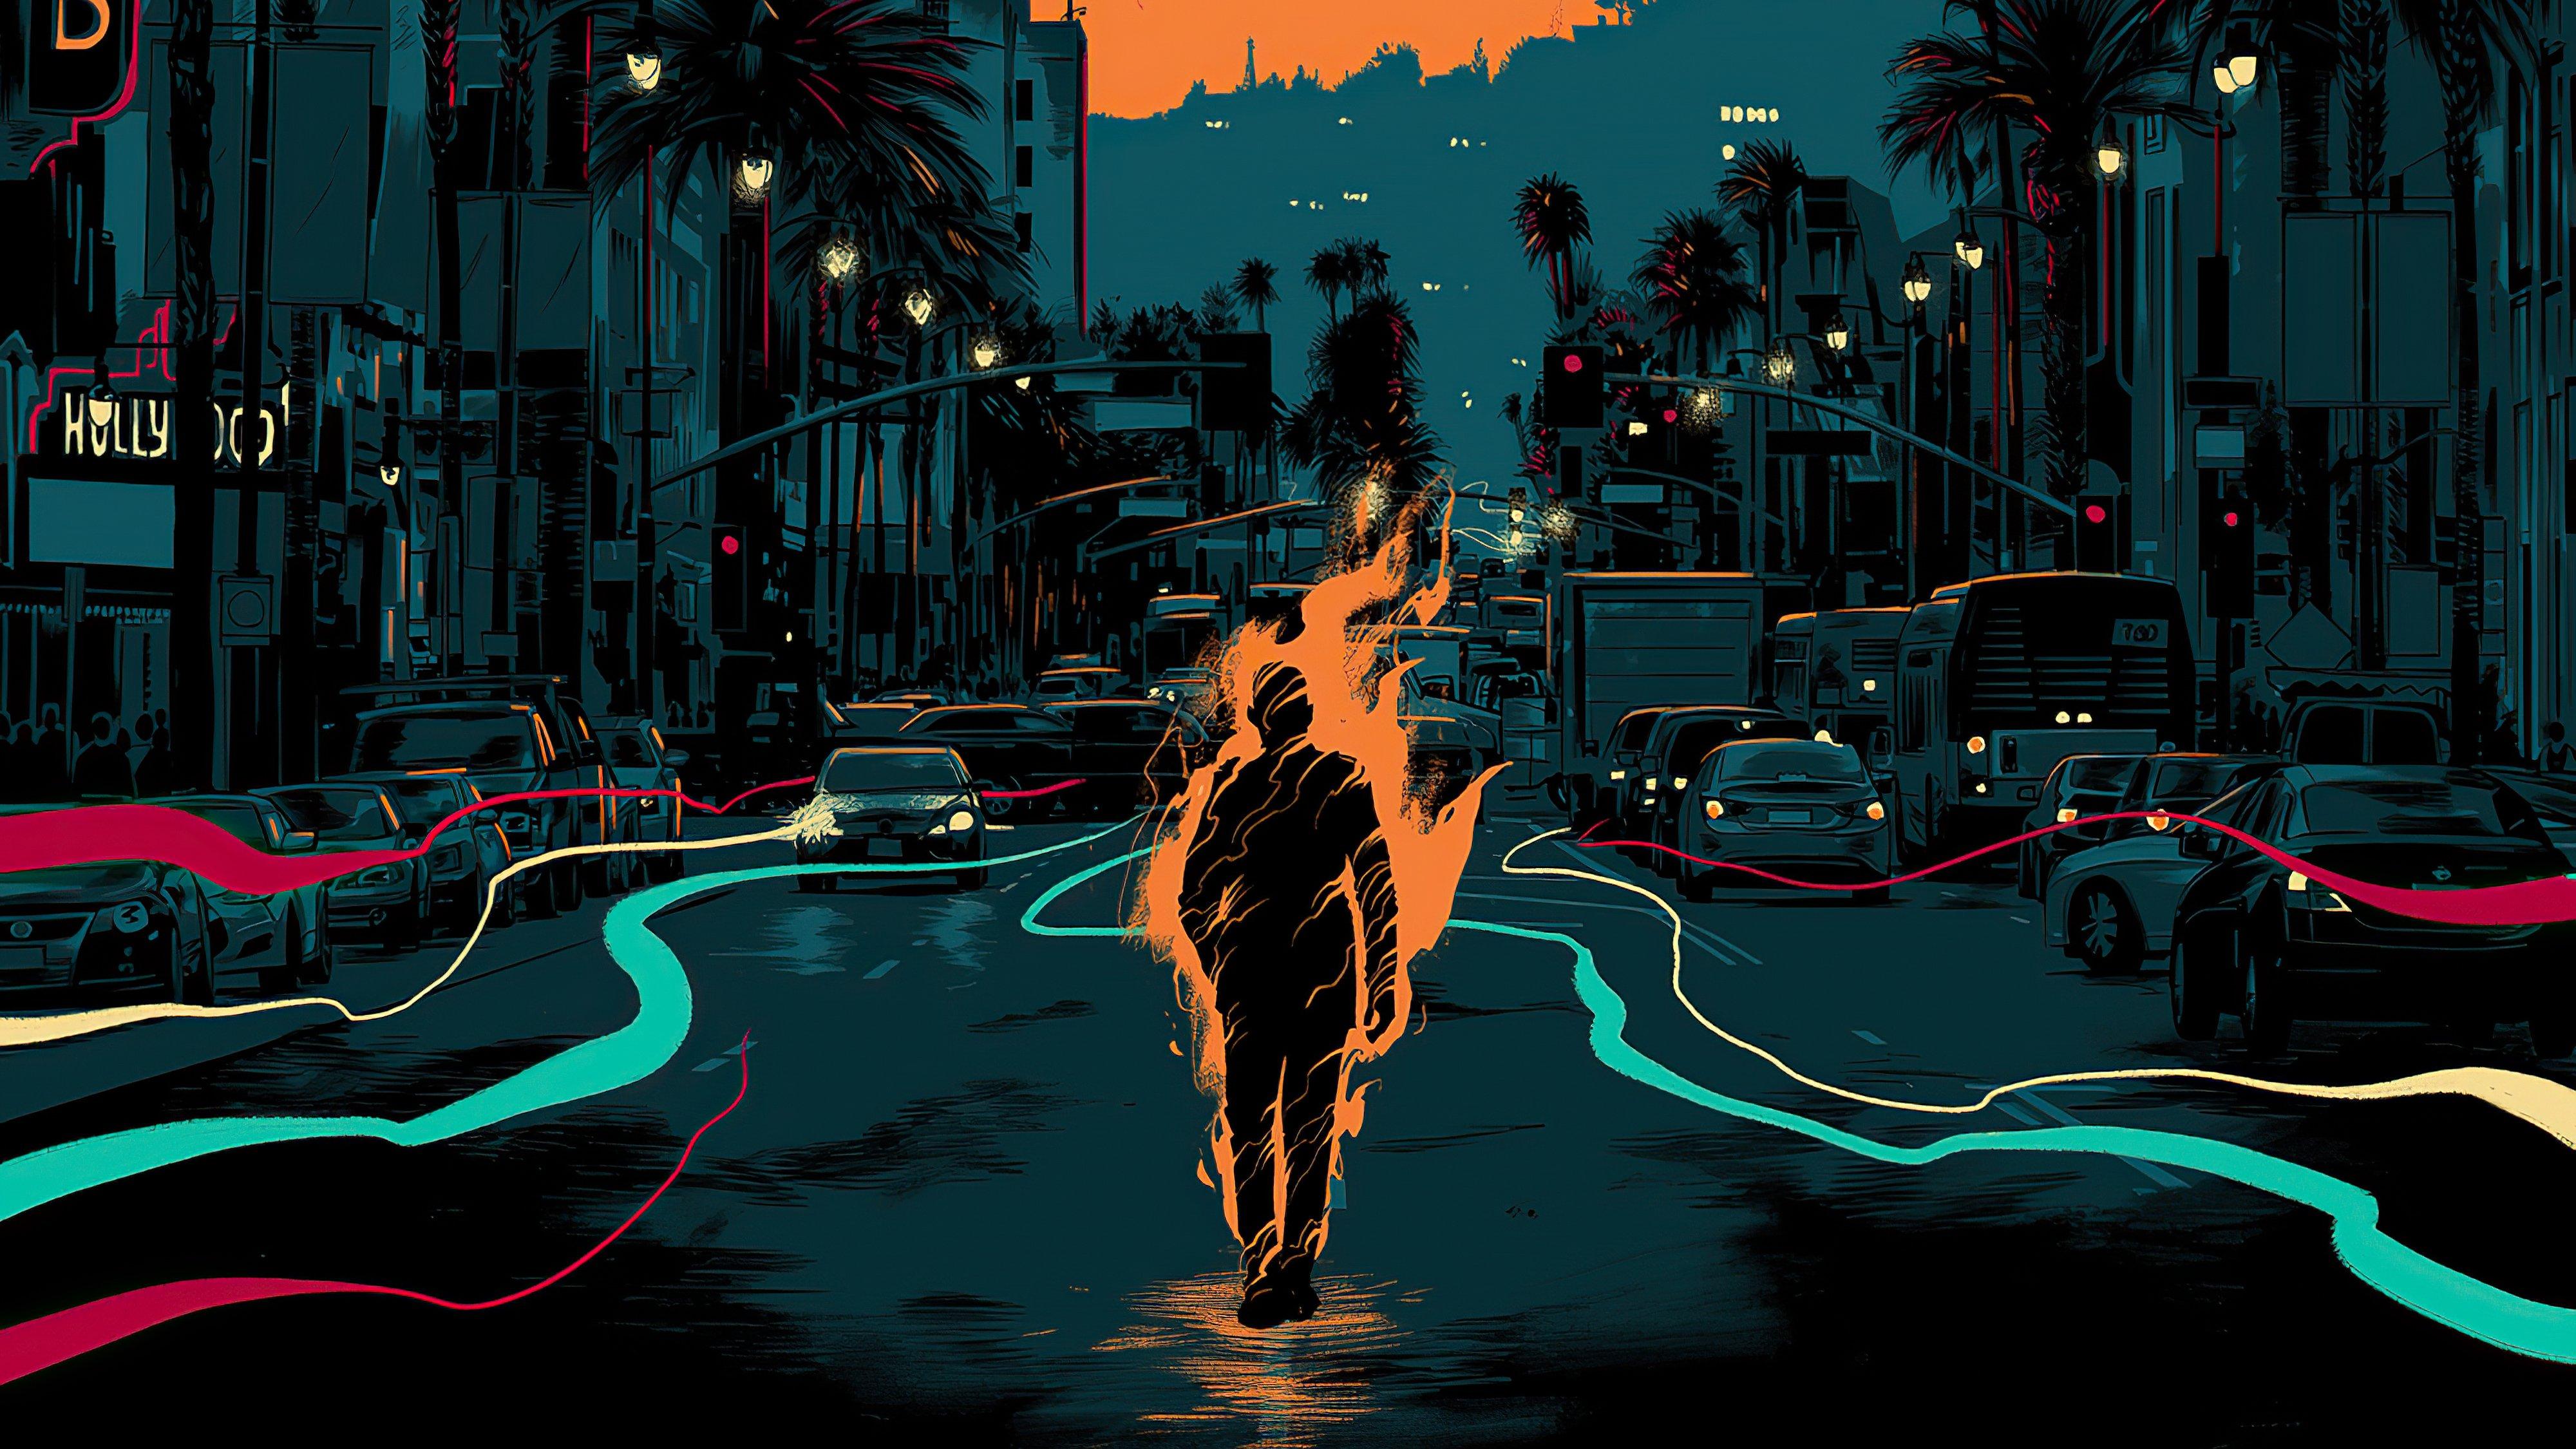 Fondos de pantalla Hombre en fuego Artwork